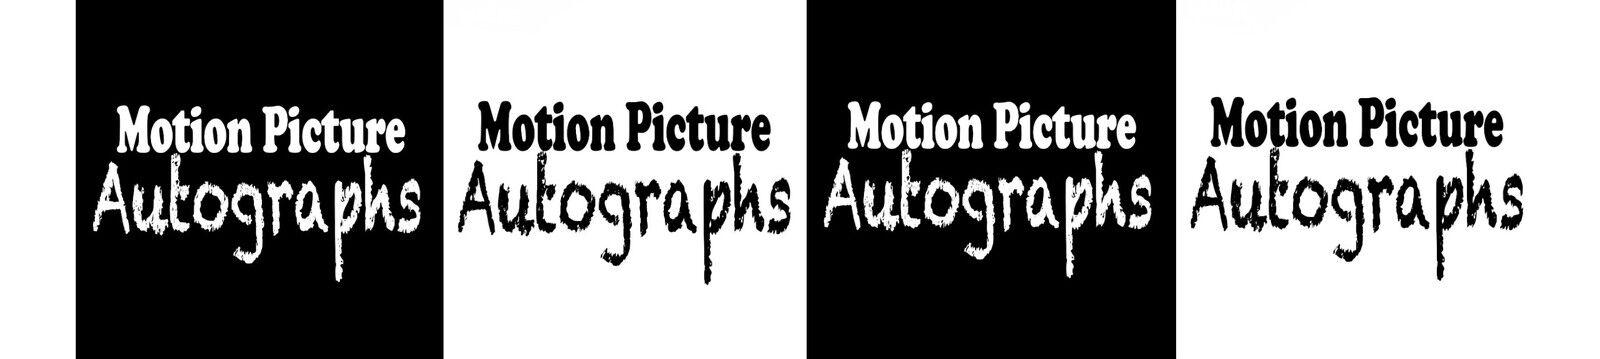 Motion Picture Autographs